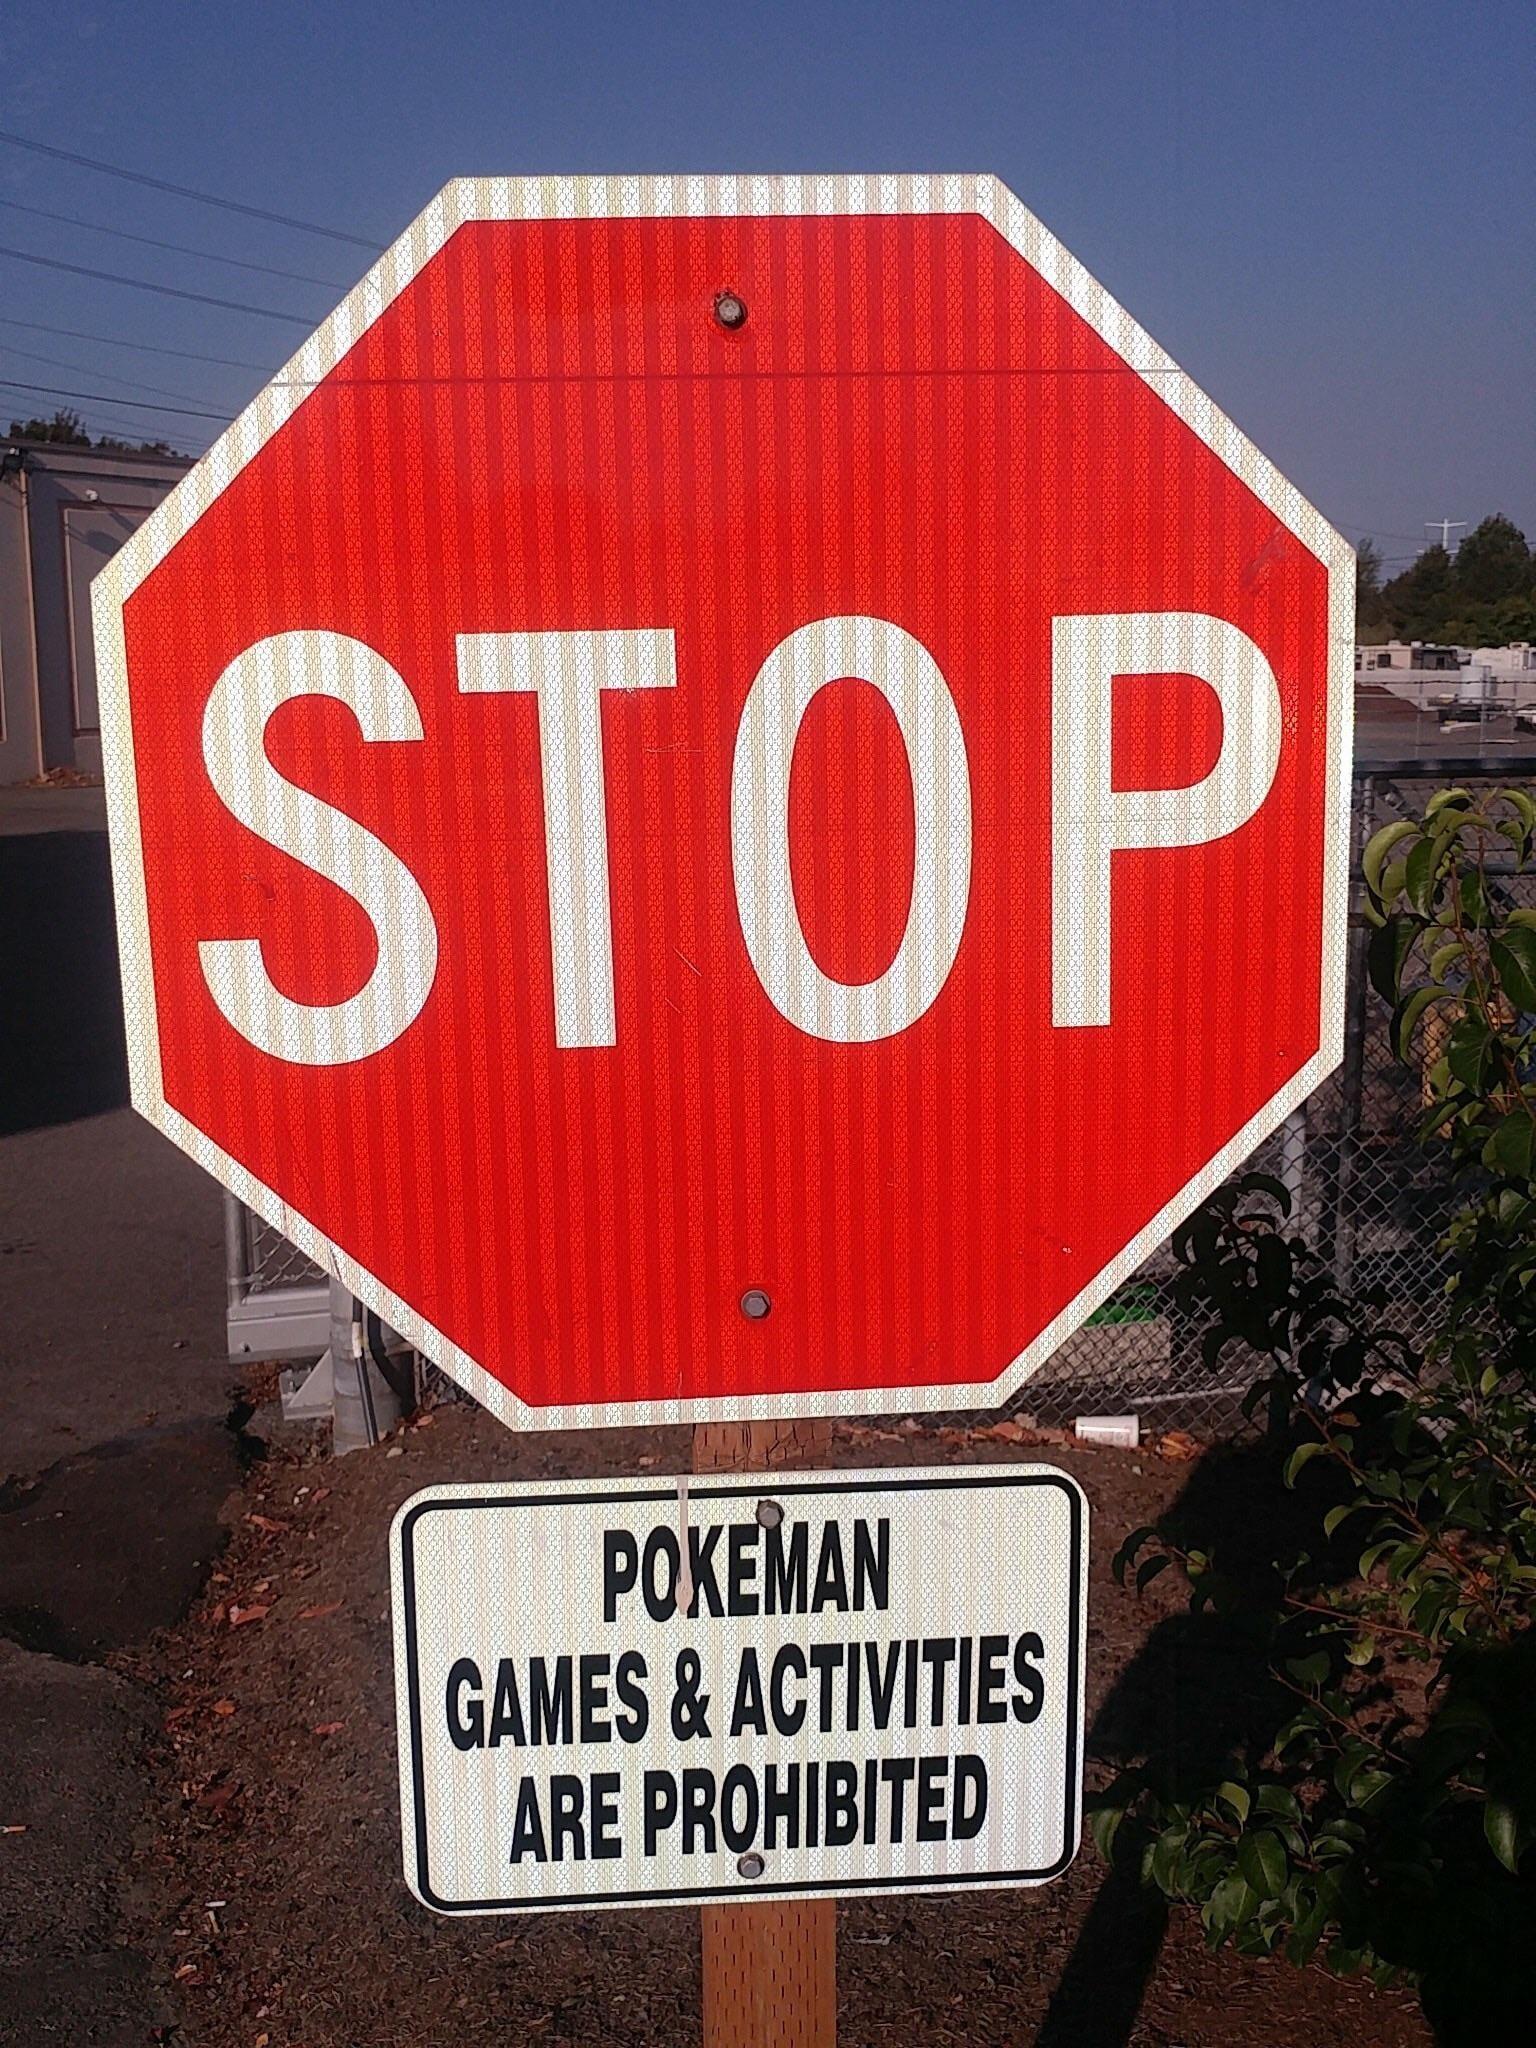 All Pokeman Activities Must Stop